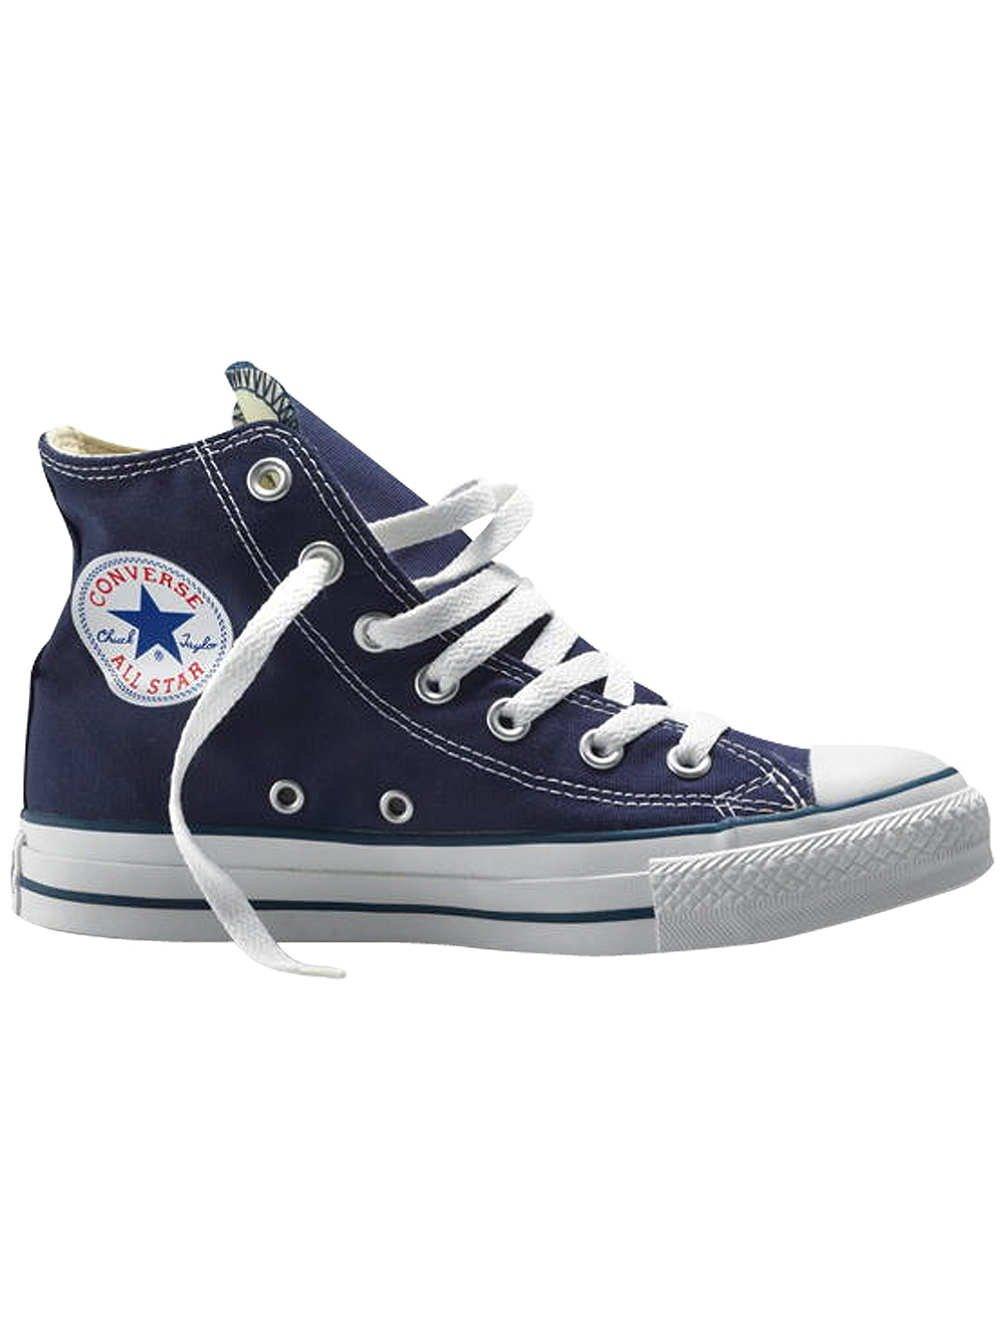 Converse Blau Chucks 1J793 Herren Sneaker Blau Converse (Navy) 0b2313